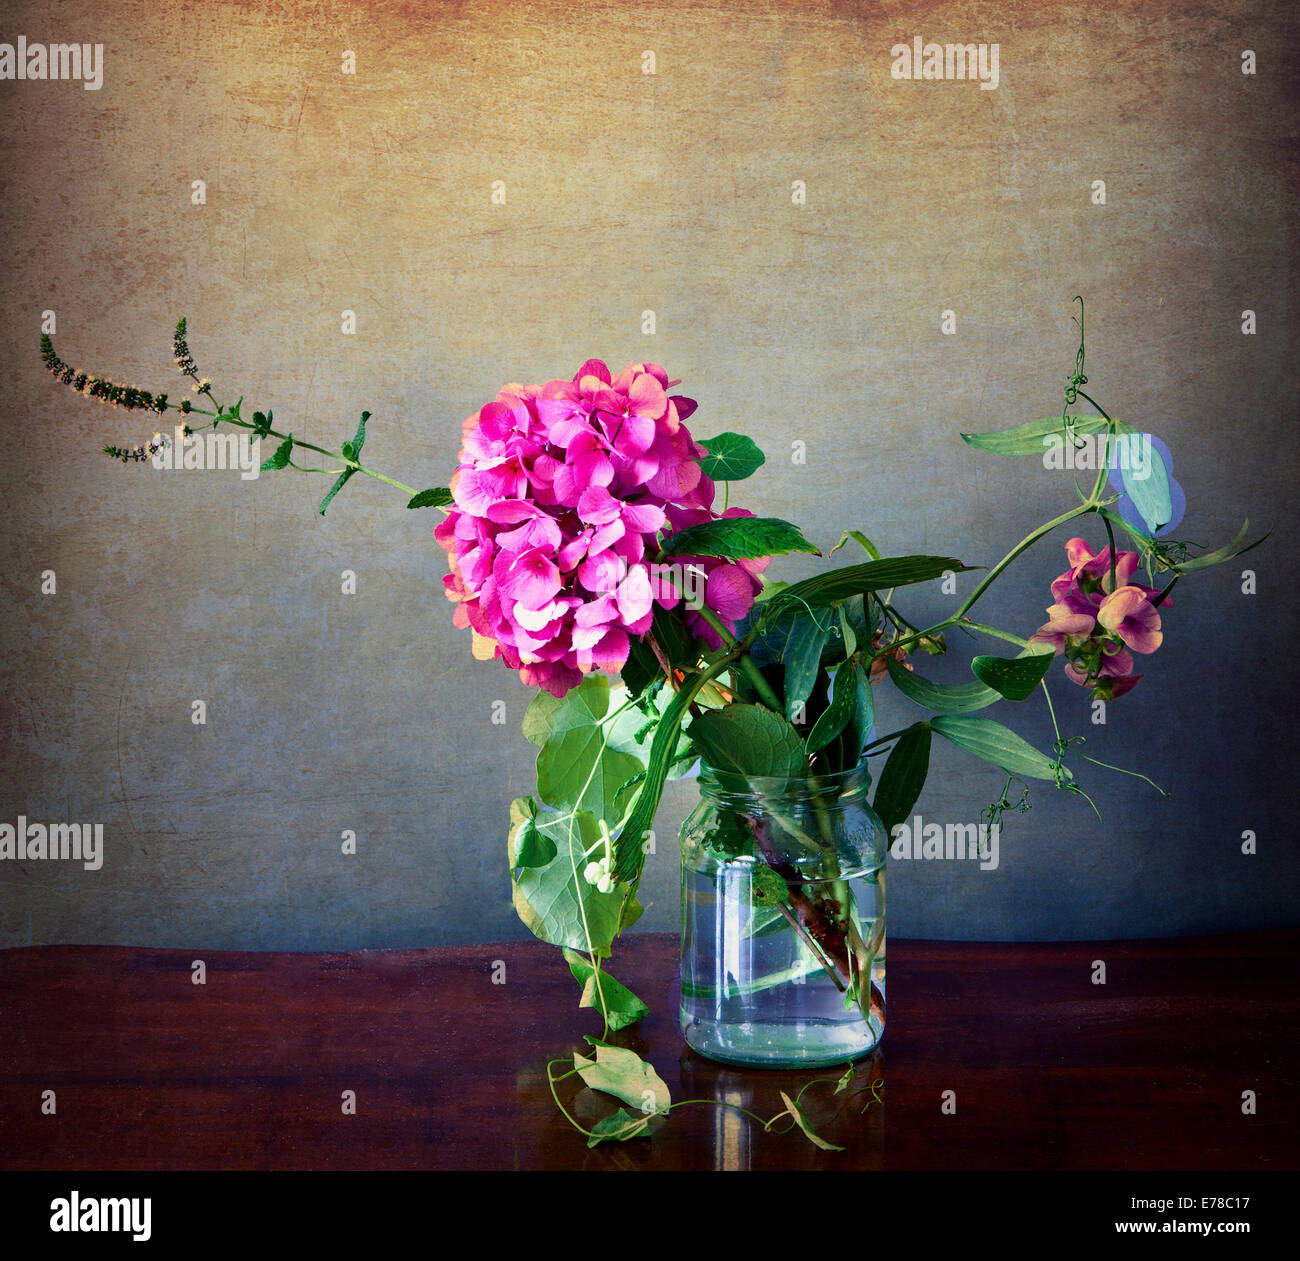 Rosa Hortensie und Feld Blumen in einem Glas mit Vintage Textur und Retro-Instagram-ähnliche Effekte hinzugefügt Stockbild